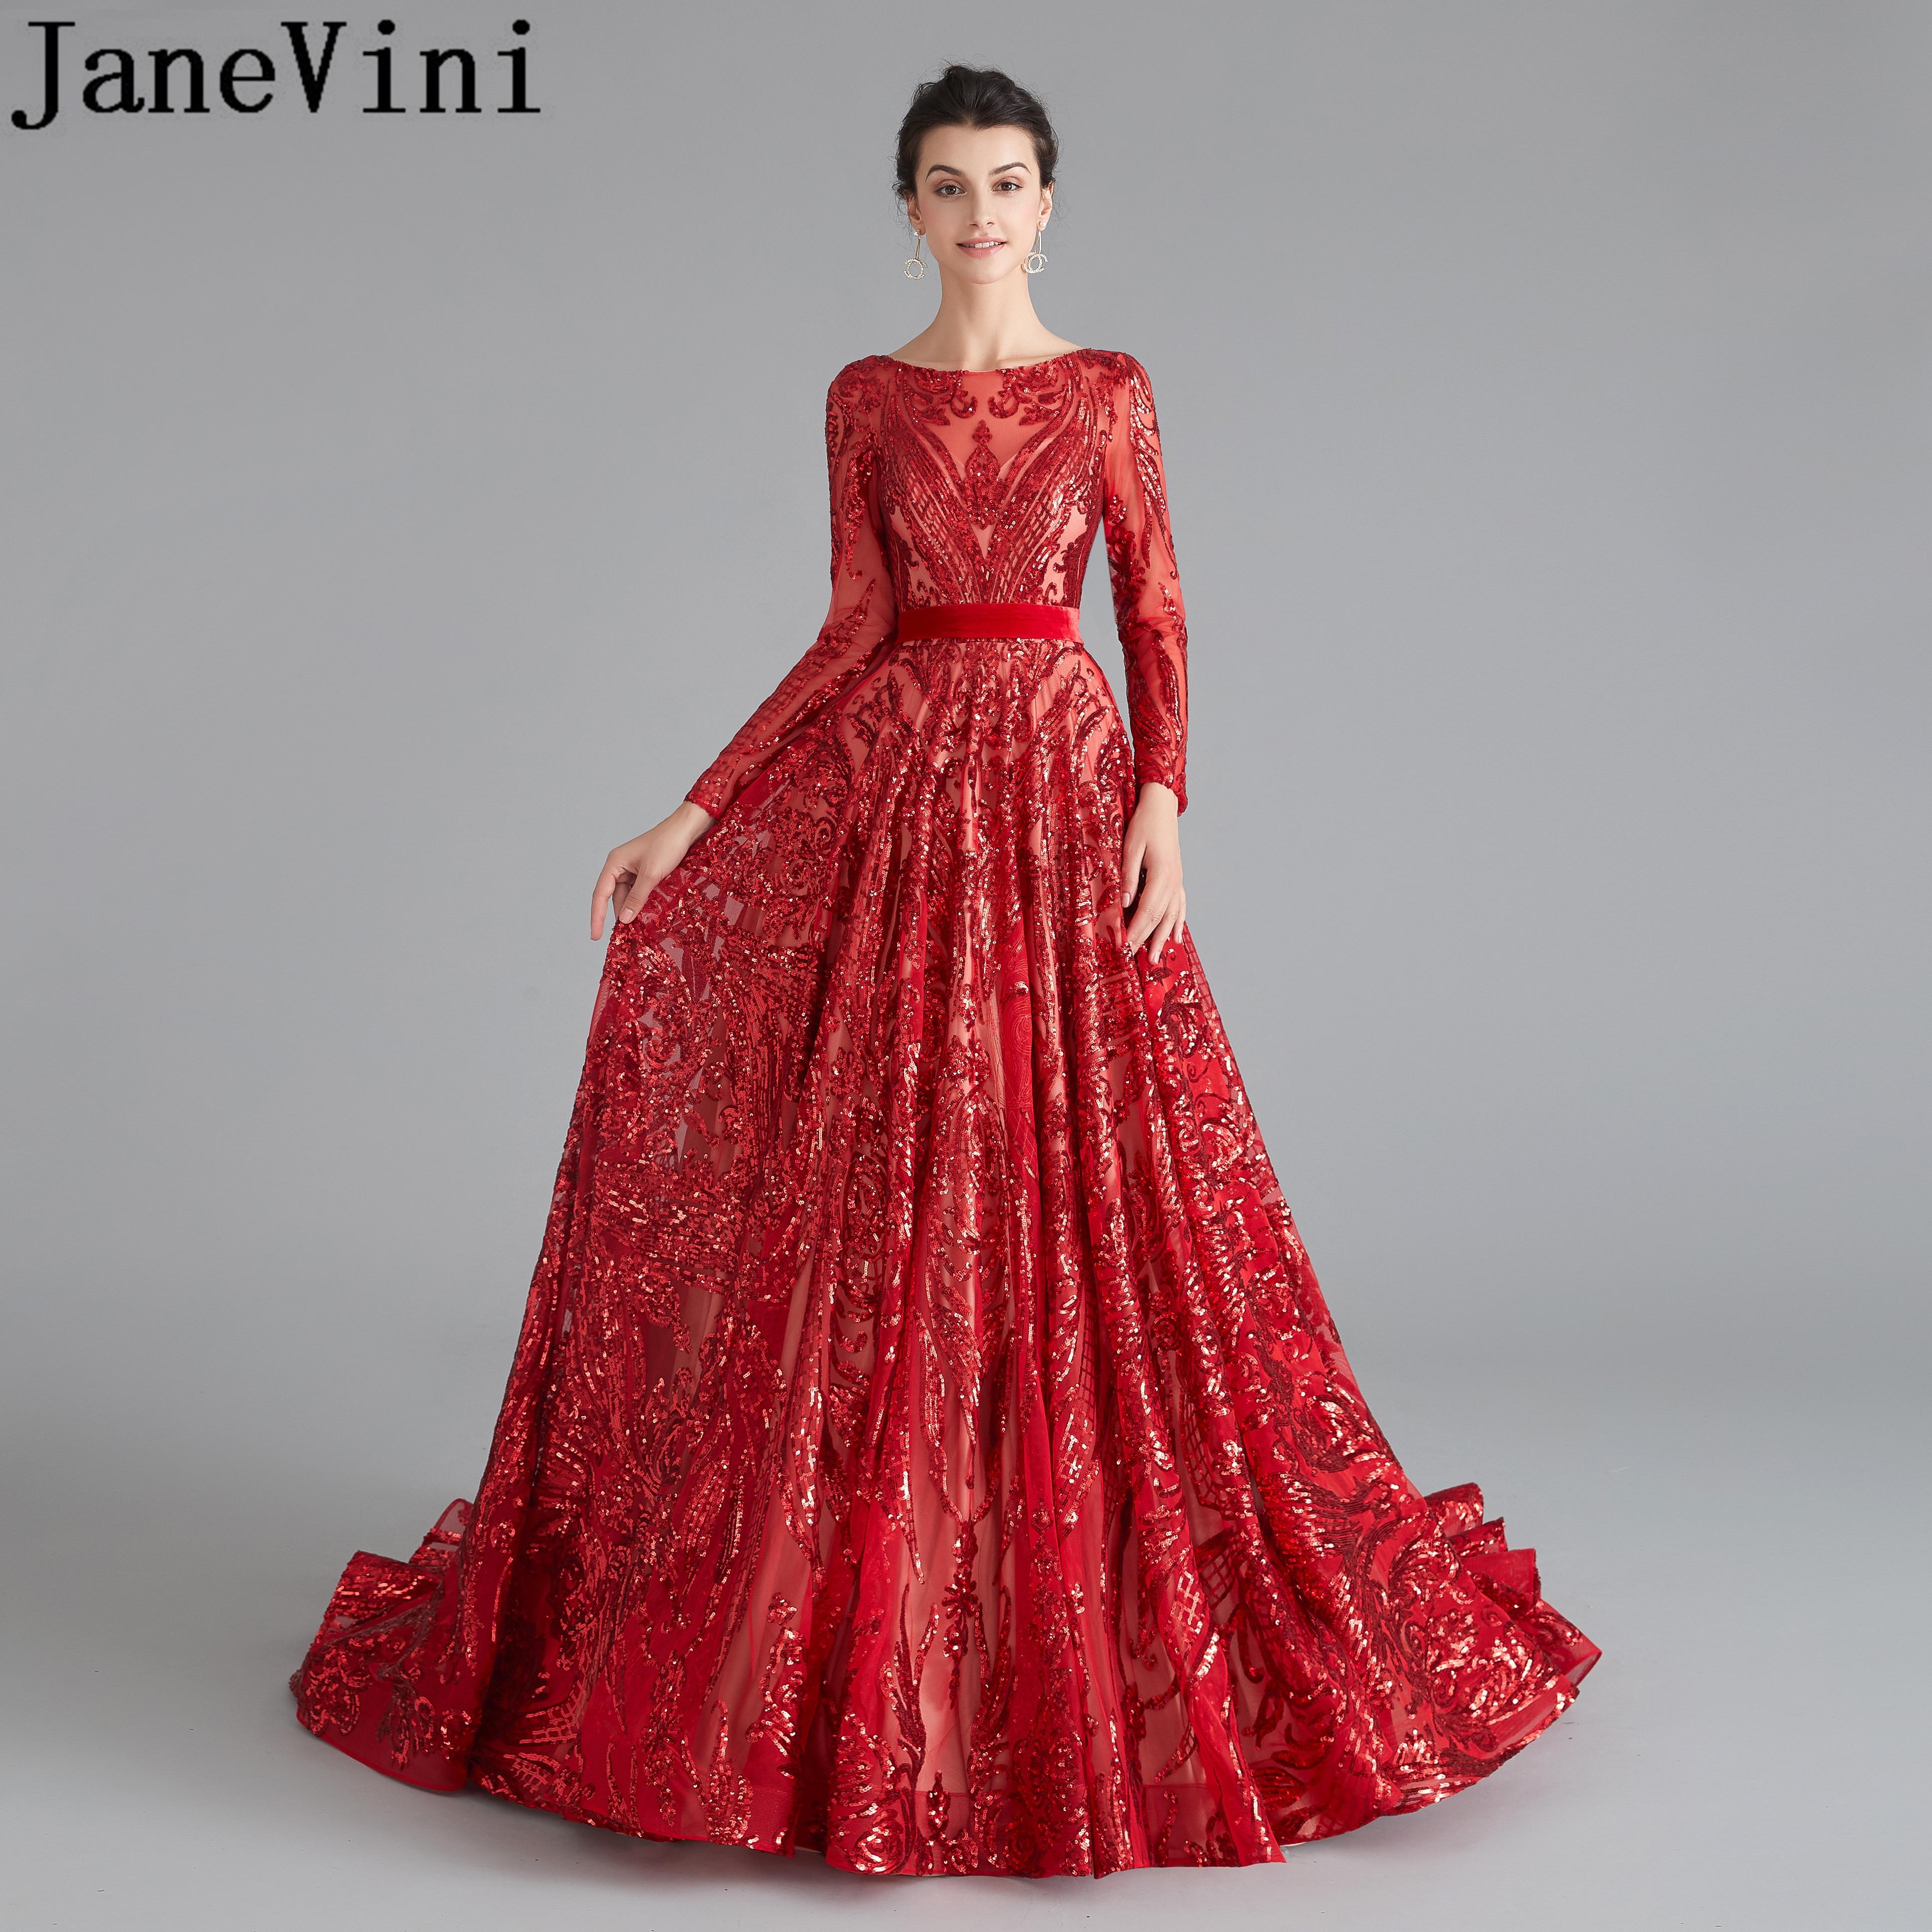 JaneVini arabe rouge soirée robes de bal 2019 Bling Bling paillettes robe de soirée de Gala Ballkleider Lang luxe dos ouvert femmes robe